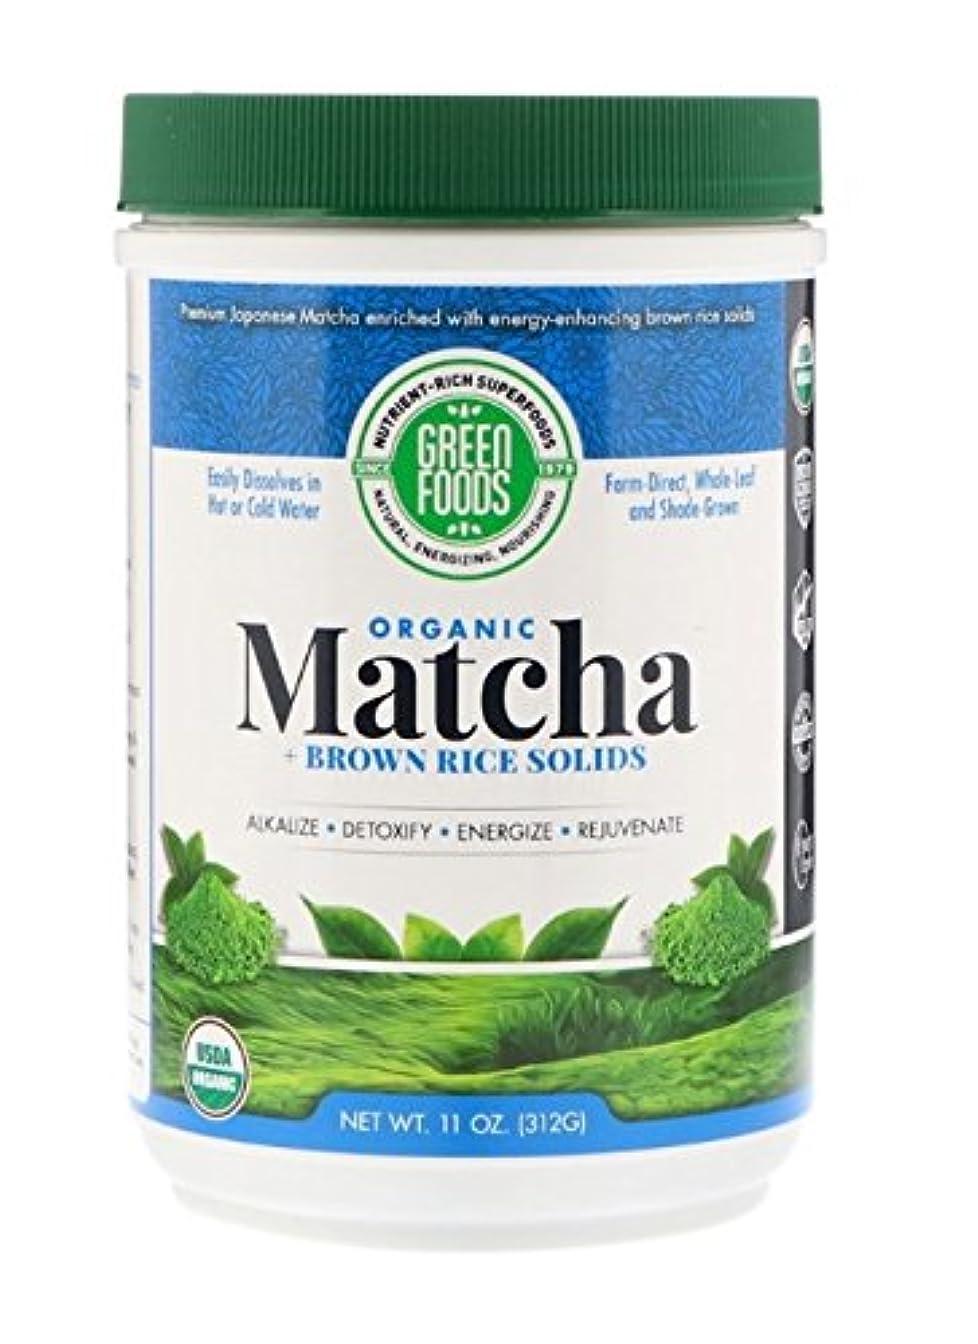 程度しおれた休眠海外直送品Matcha Green Tea, 11 oz by Green Foods Corporation